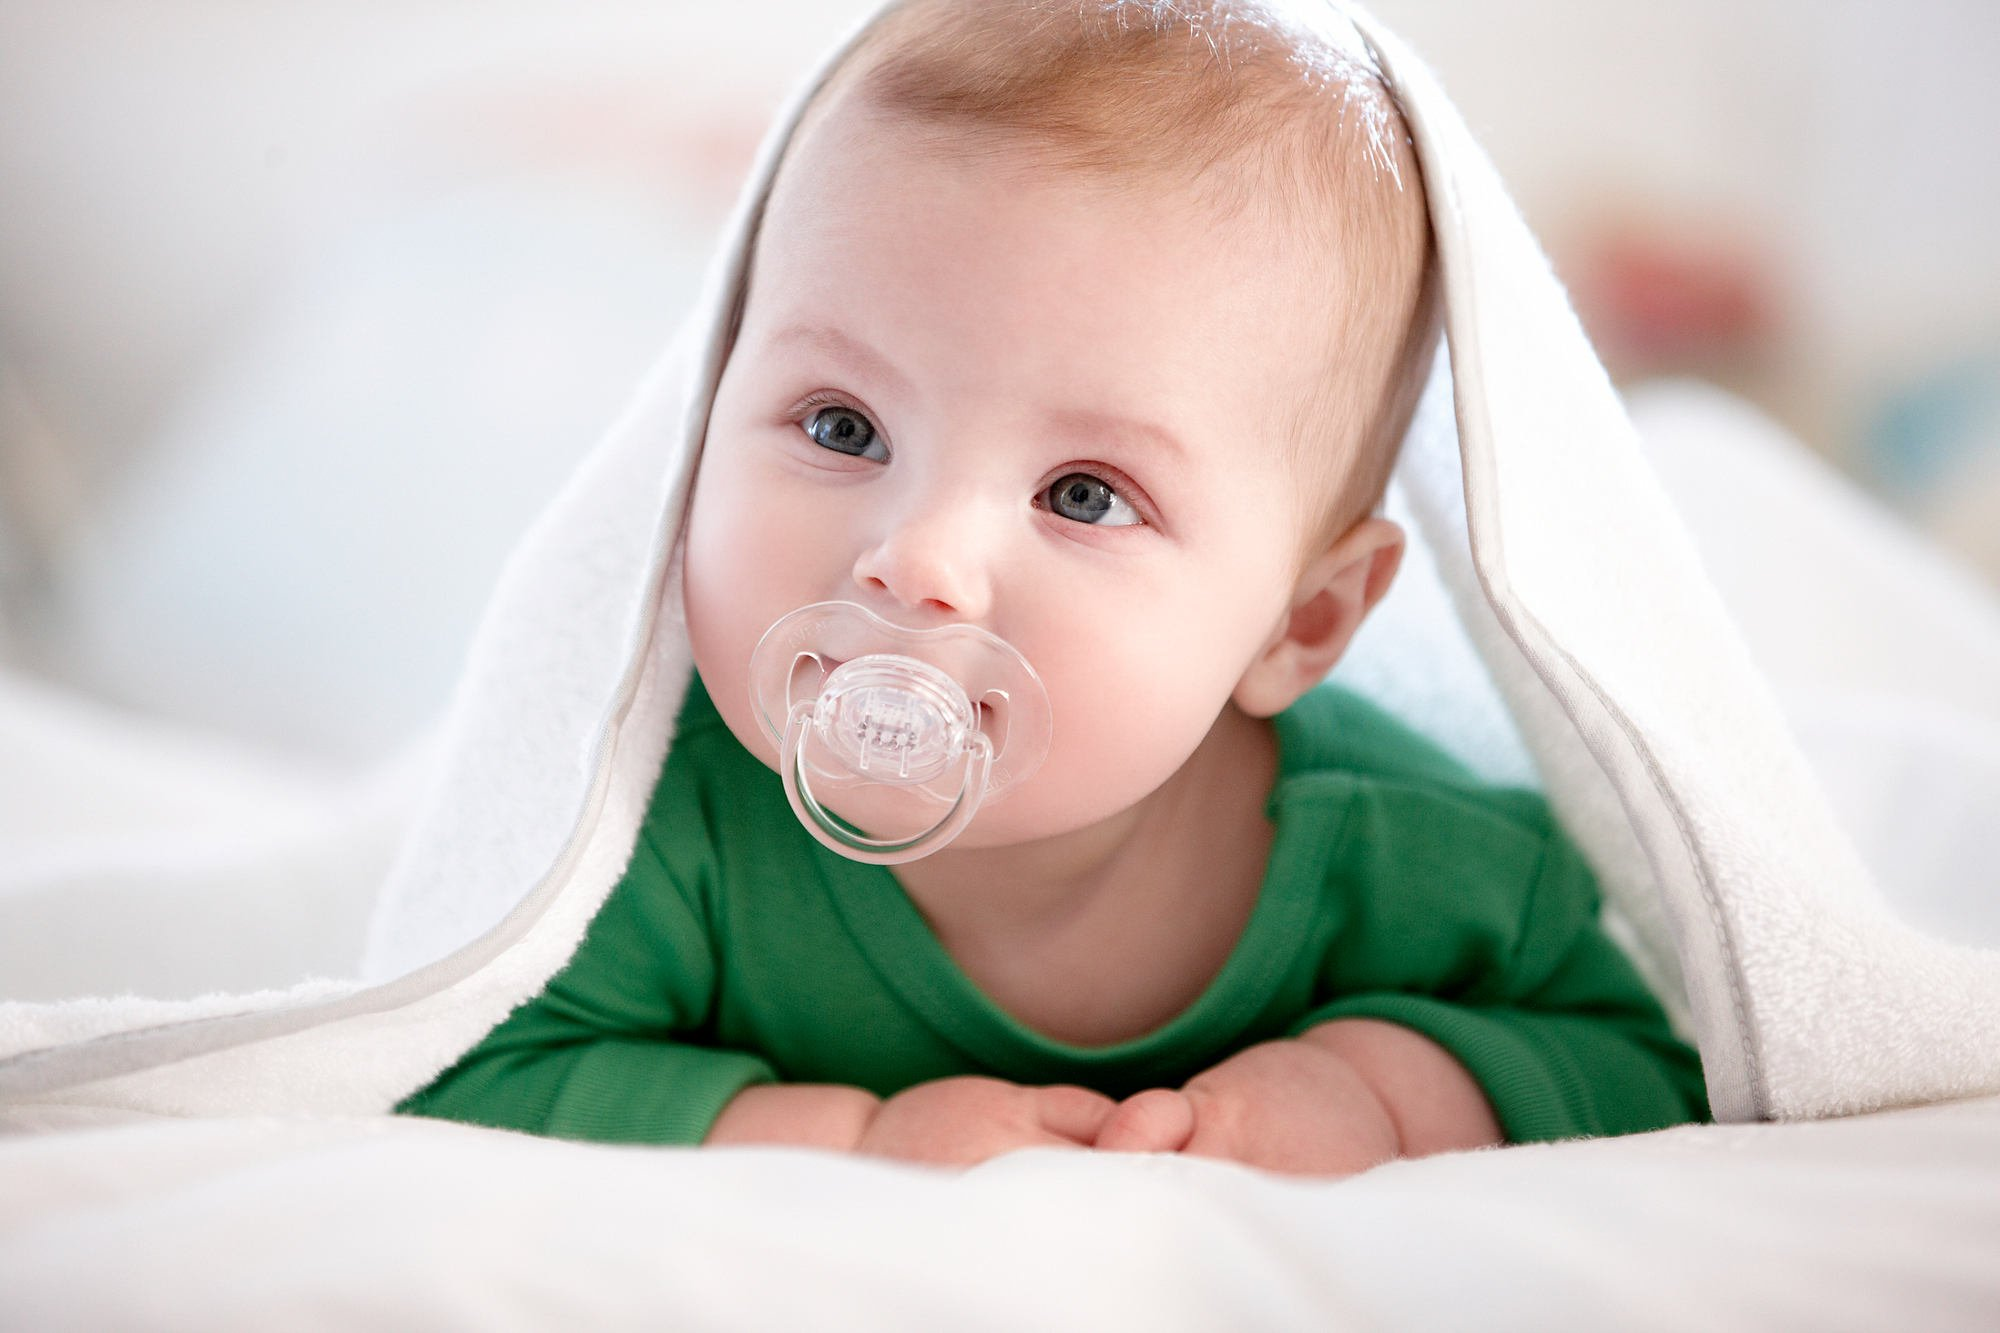 Новорожденные детки картинки, шутка для мужчины